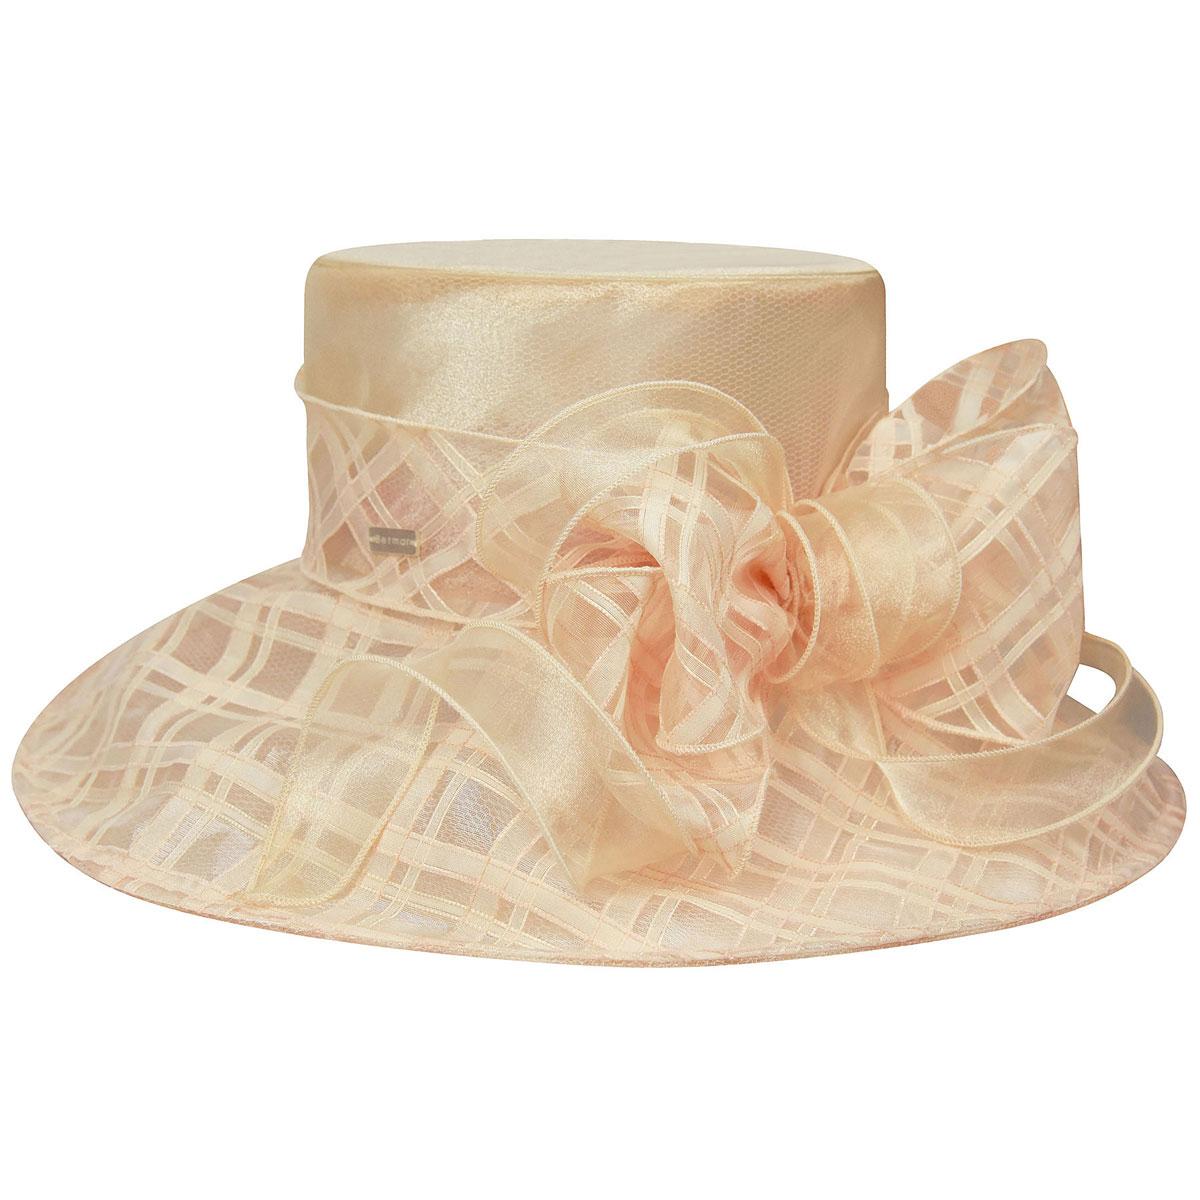 Betmar Odette Wide Brim Occasion Hat in Peach